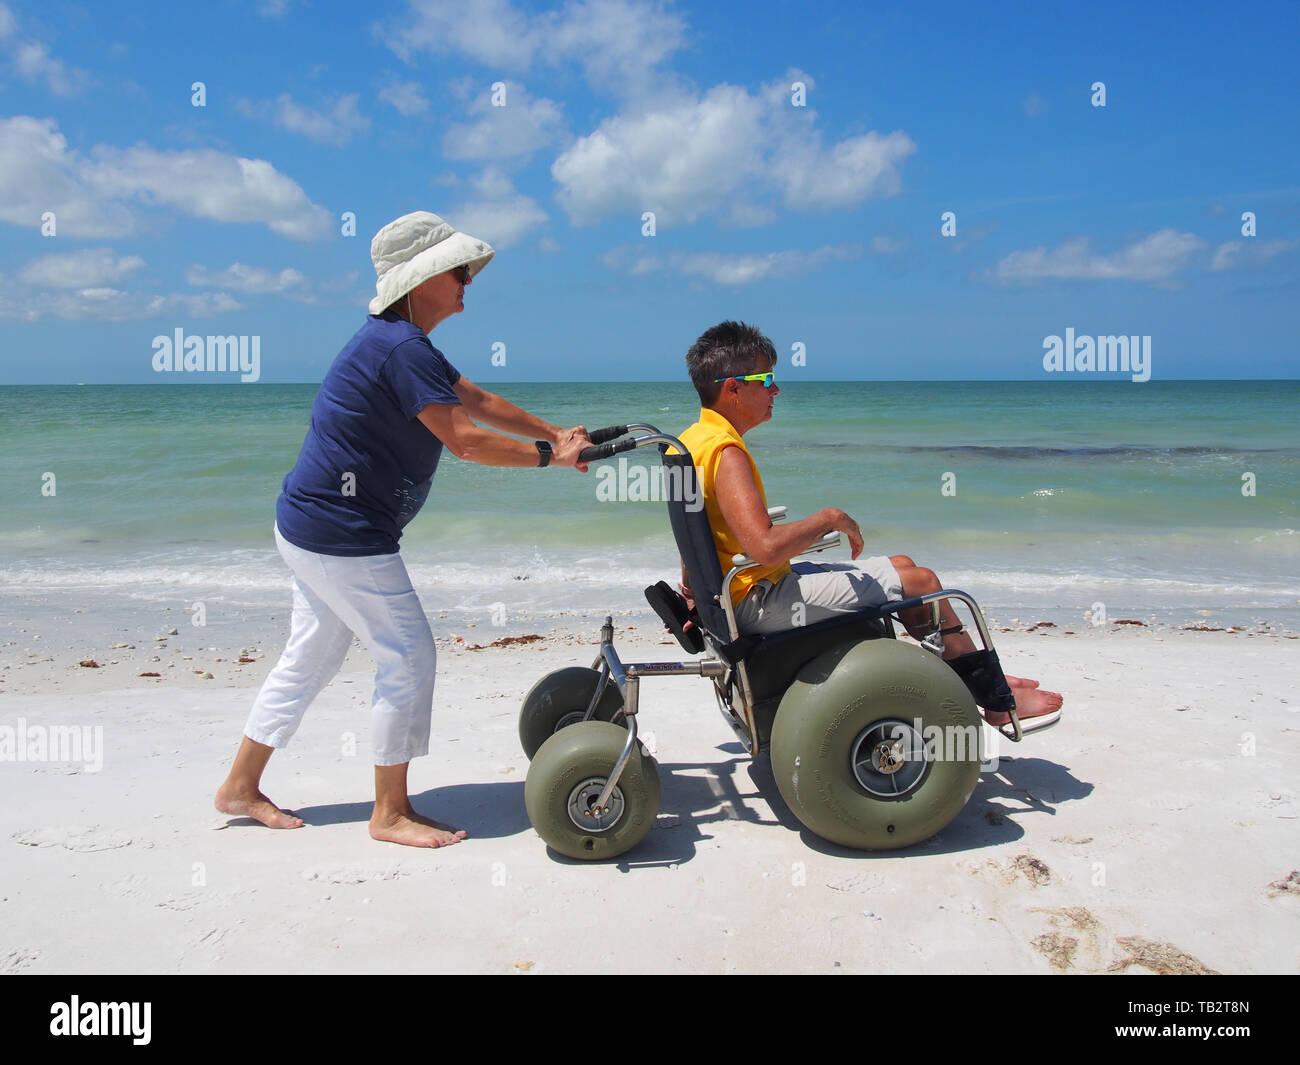 Mujer discapacitada en silla de ruedas de playa goza del sol y la arena en Honeymoon Island State Park, en Dunedin, Florida, EE.UU., 10 de mayo de 2019, © Katharine Andrioti Foto de stock